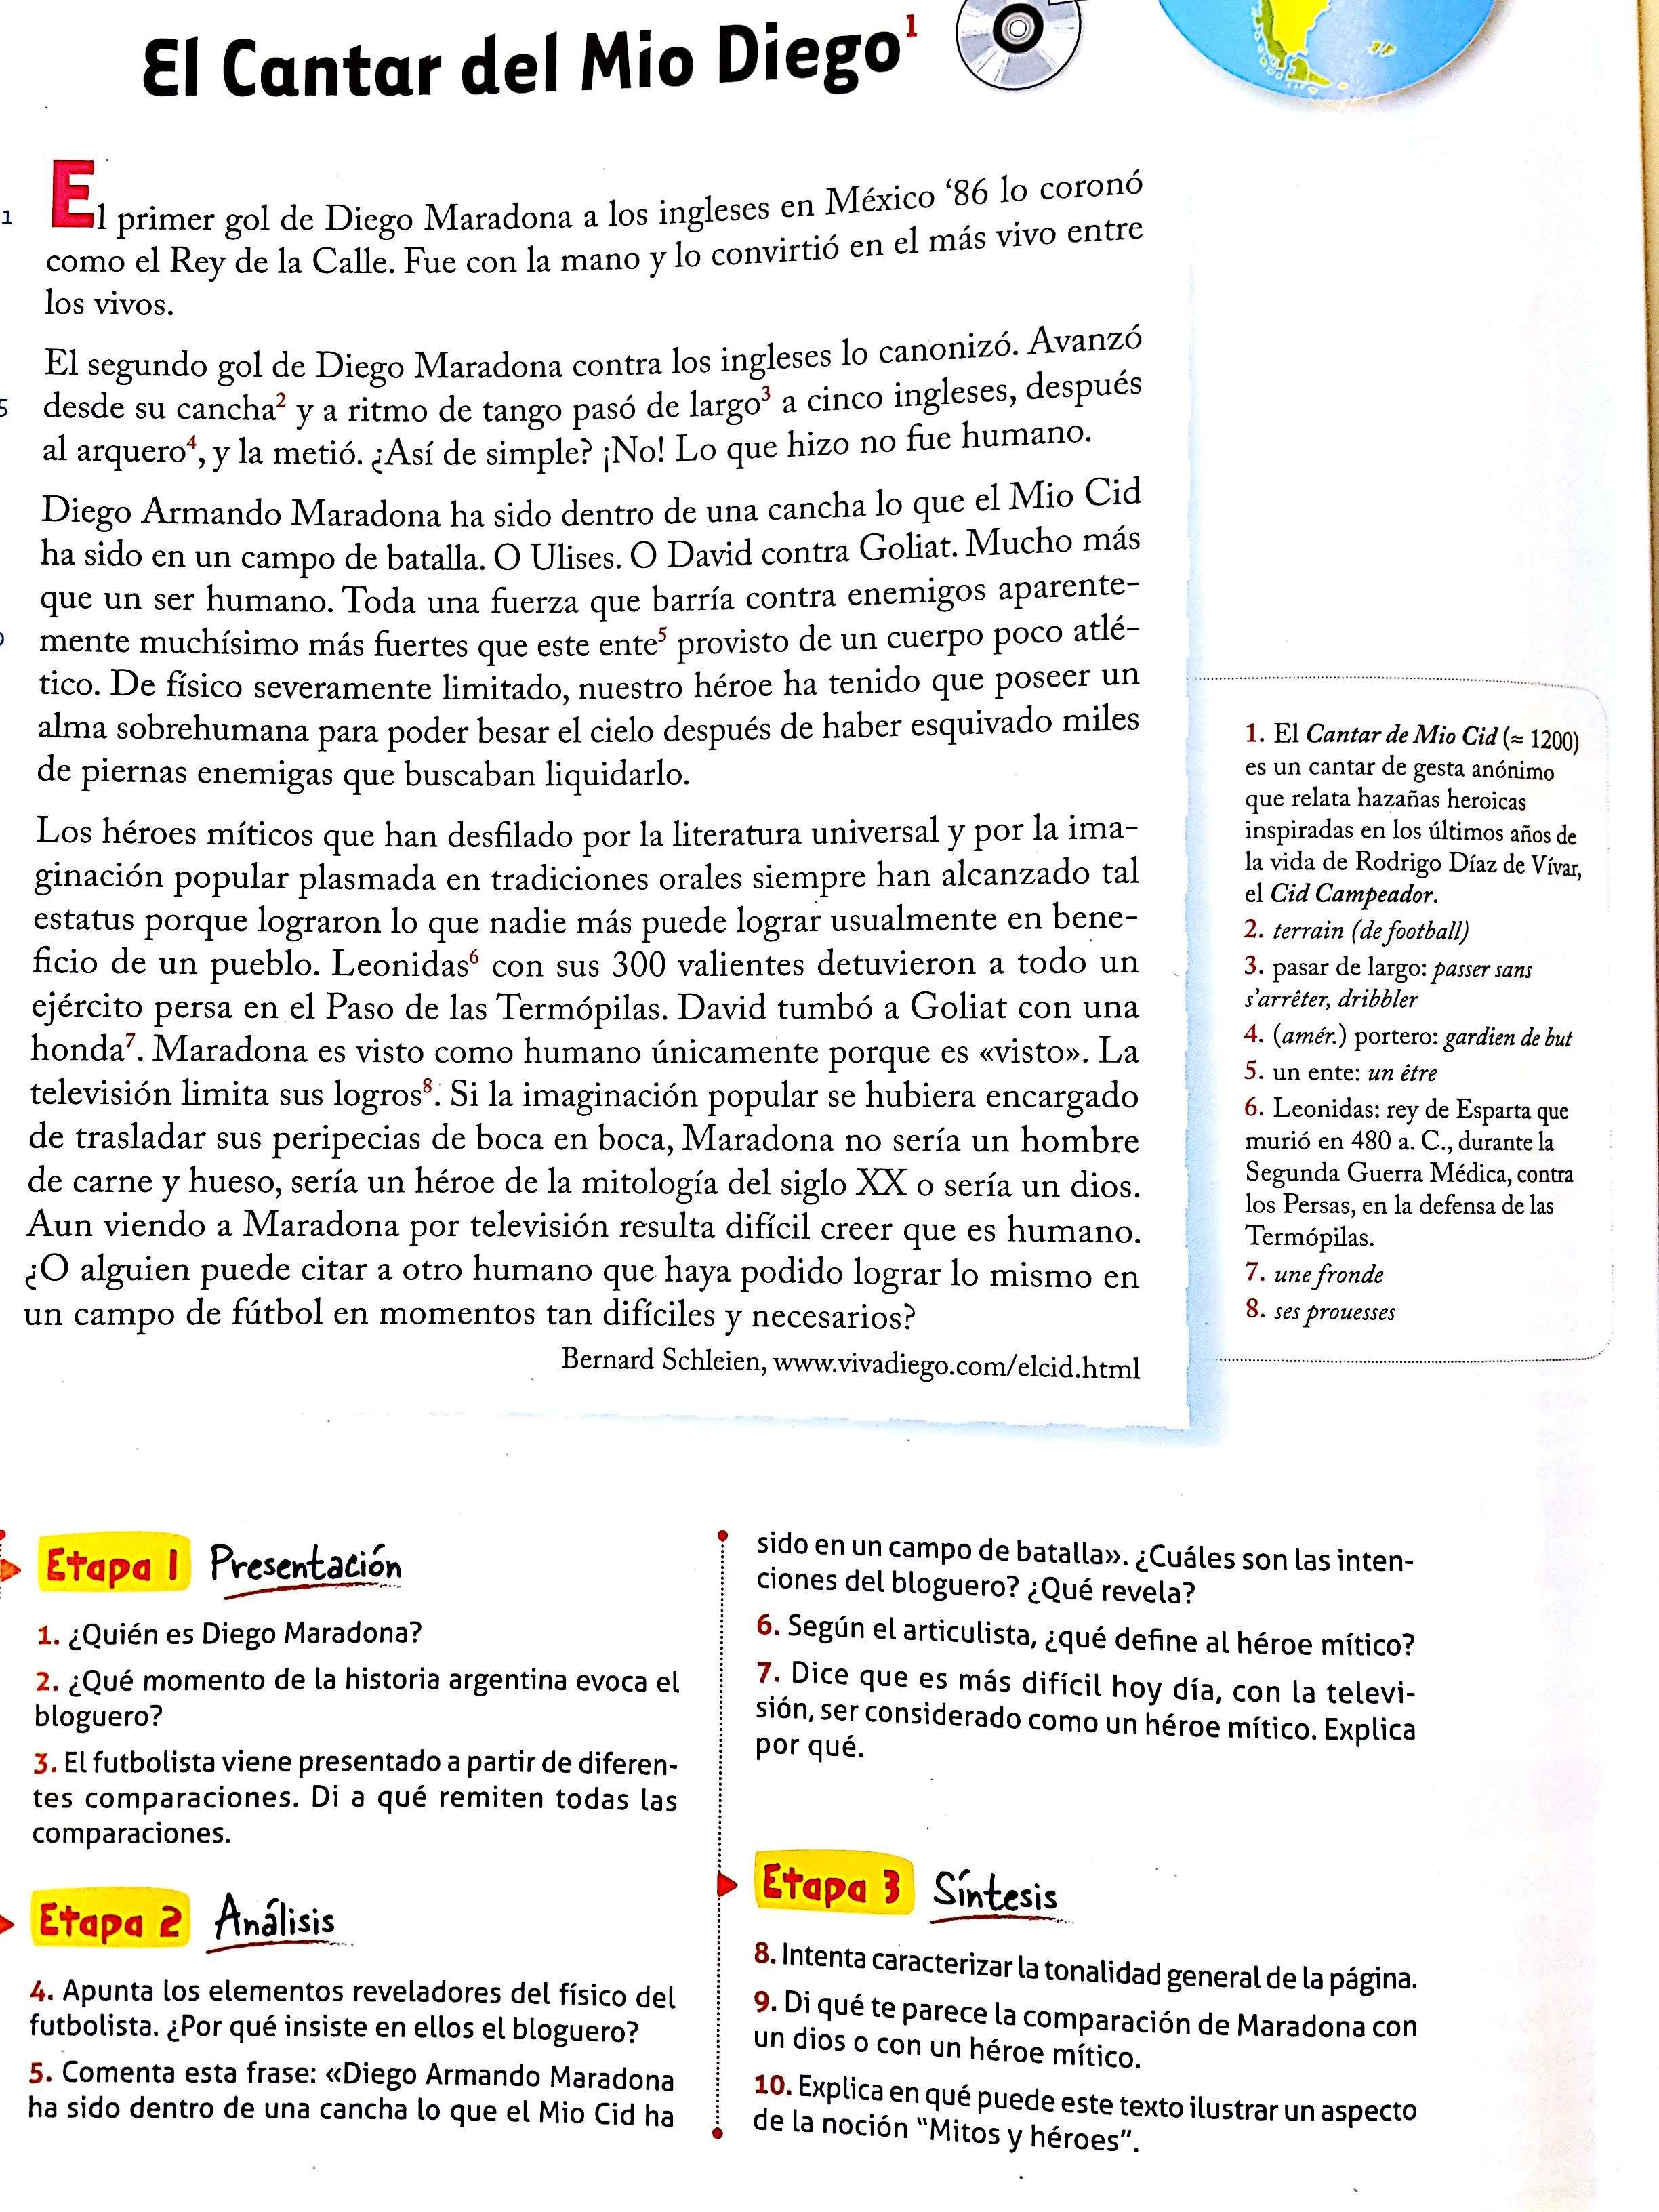 Epingle Par Leen Decaluwe Sur Mitos Y Heroes Espagnol Apprendre